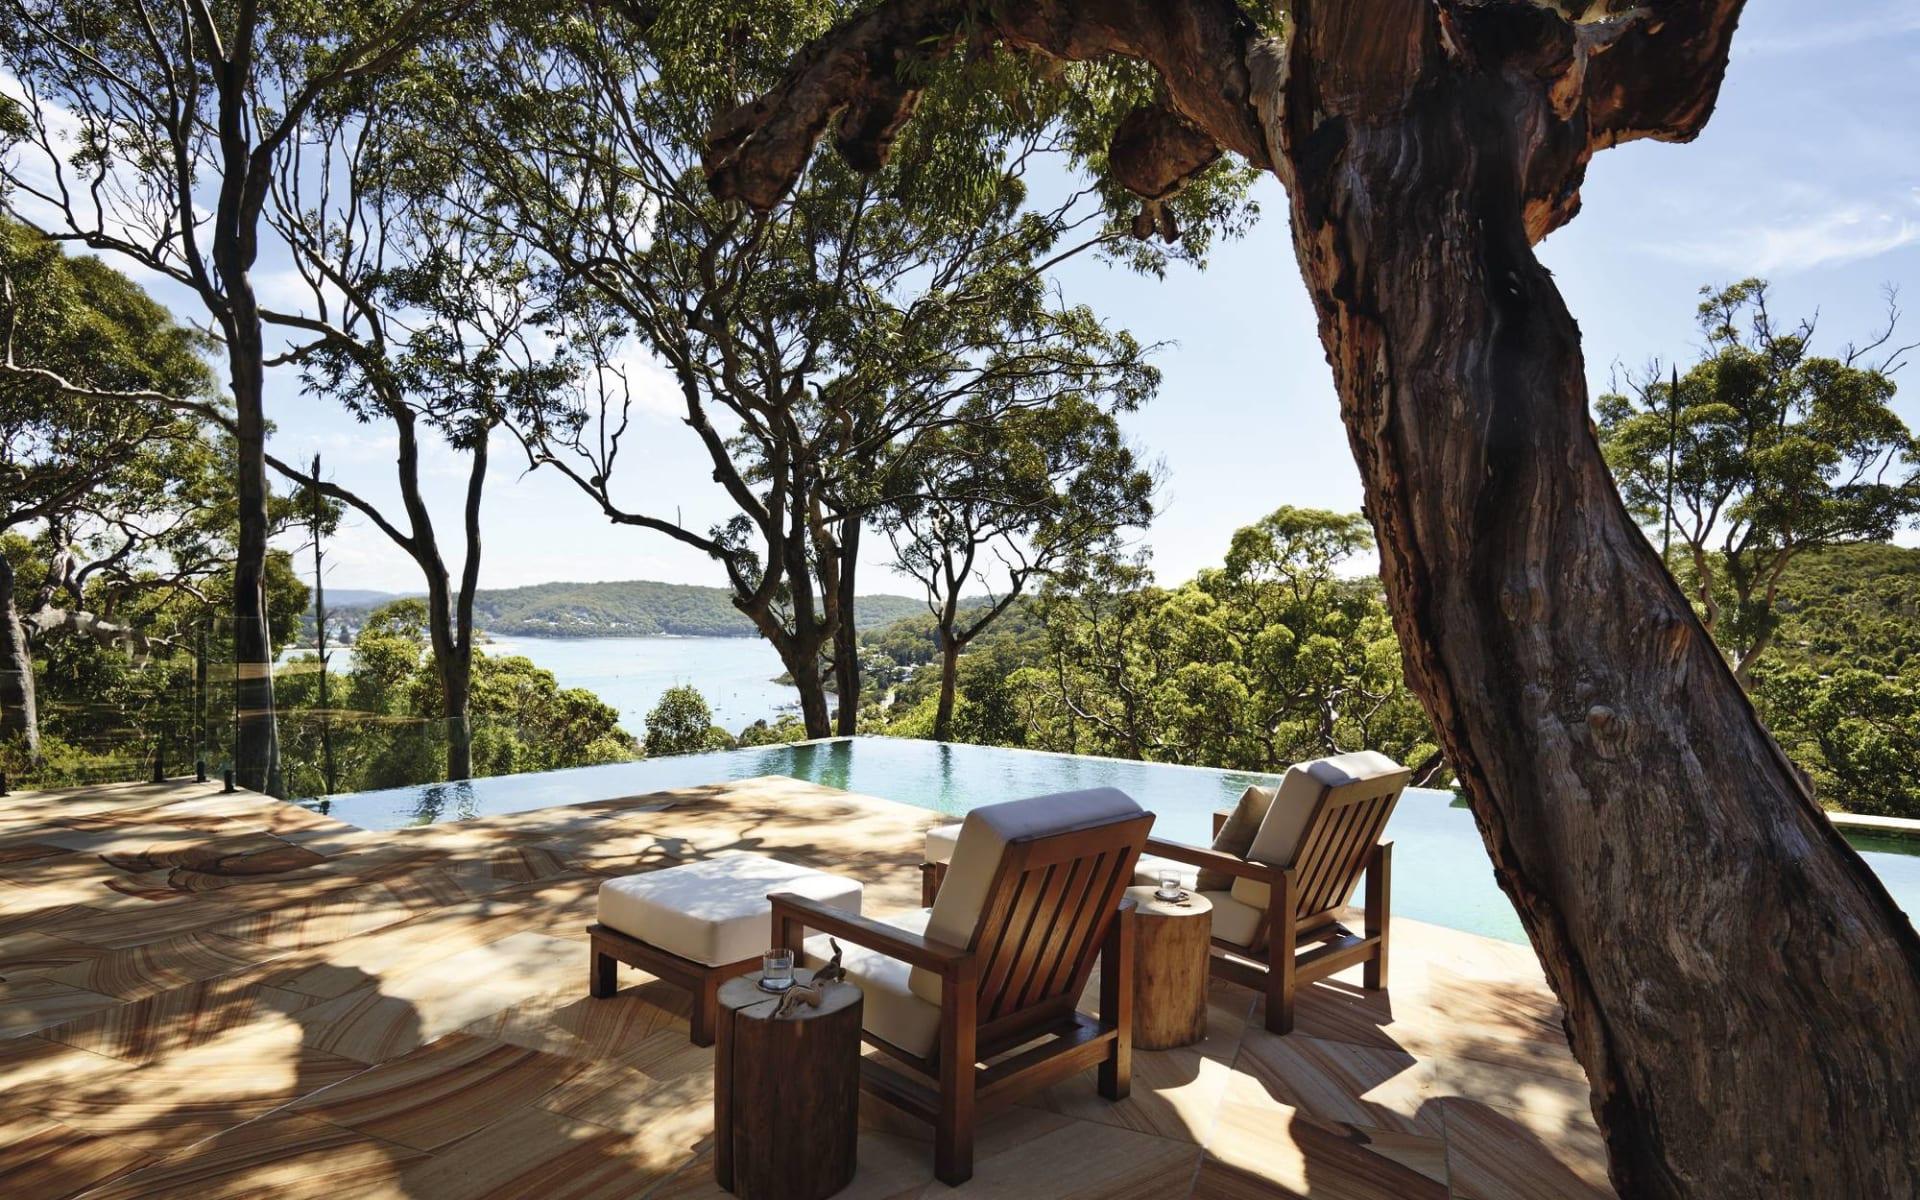 Pretty Beach House: Exterior Pretty Beach House NSW Australien  Blick auf die Bucht mit Swimmingpool 2017